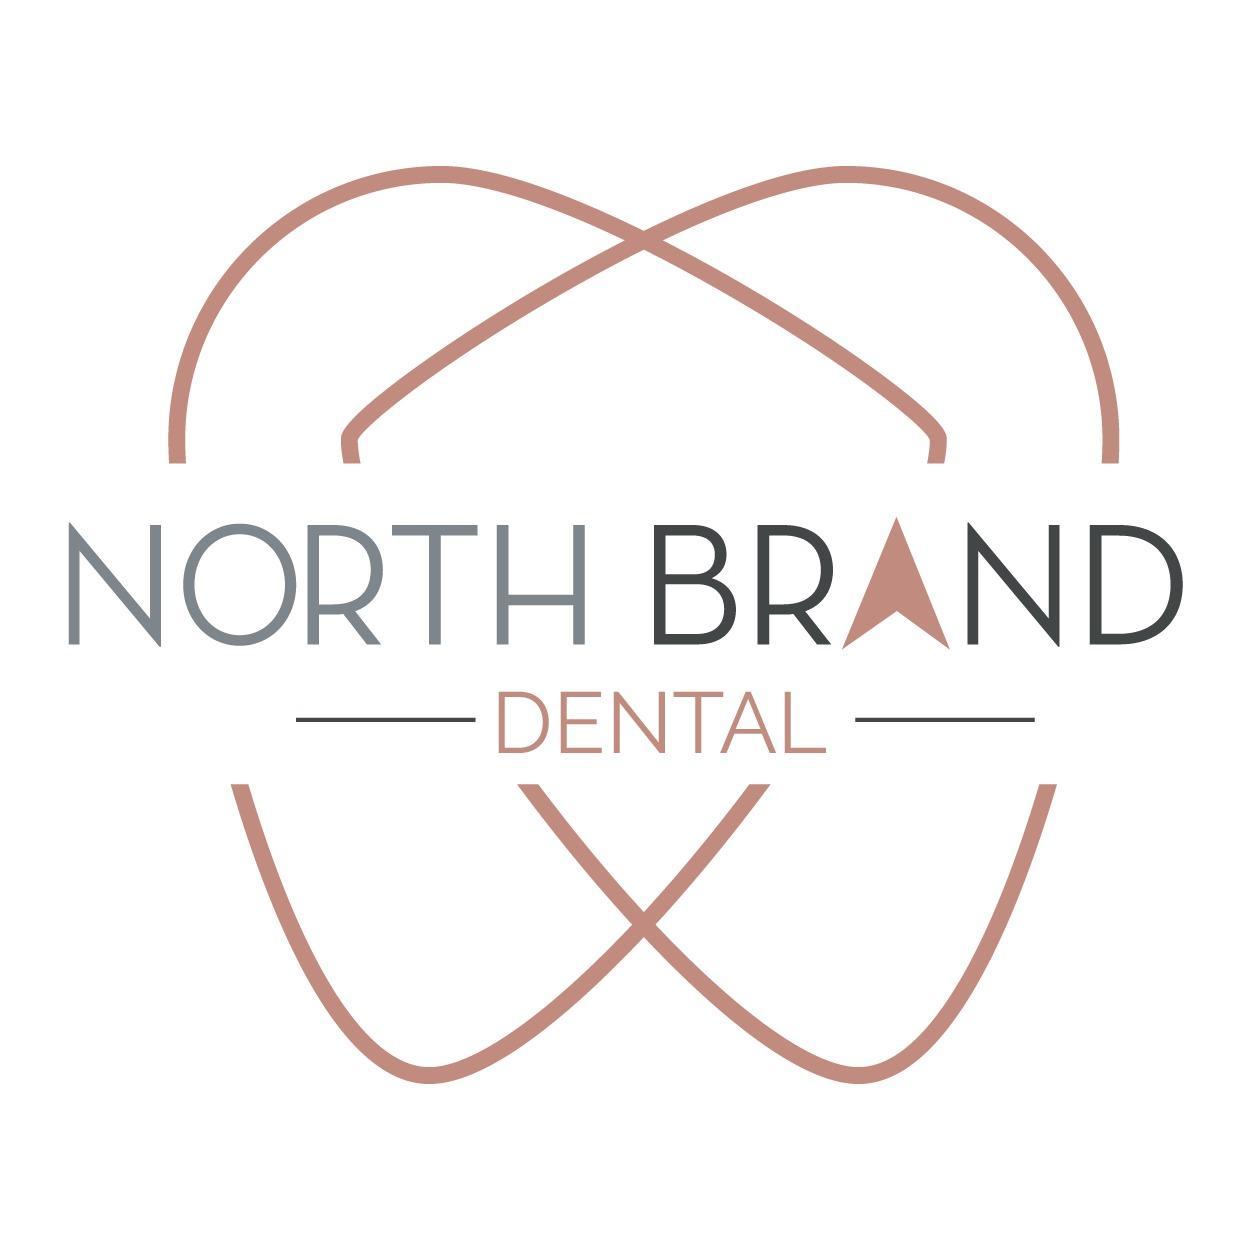 North Brand Dental in Glendale California